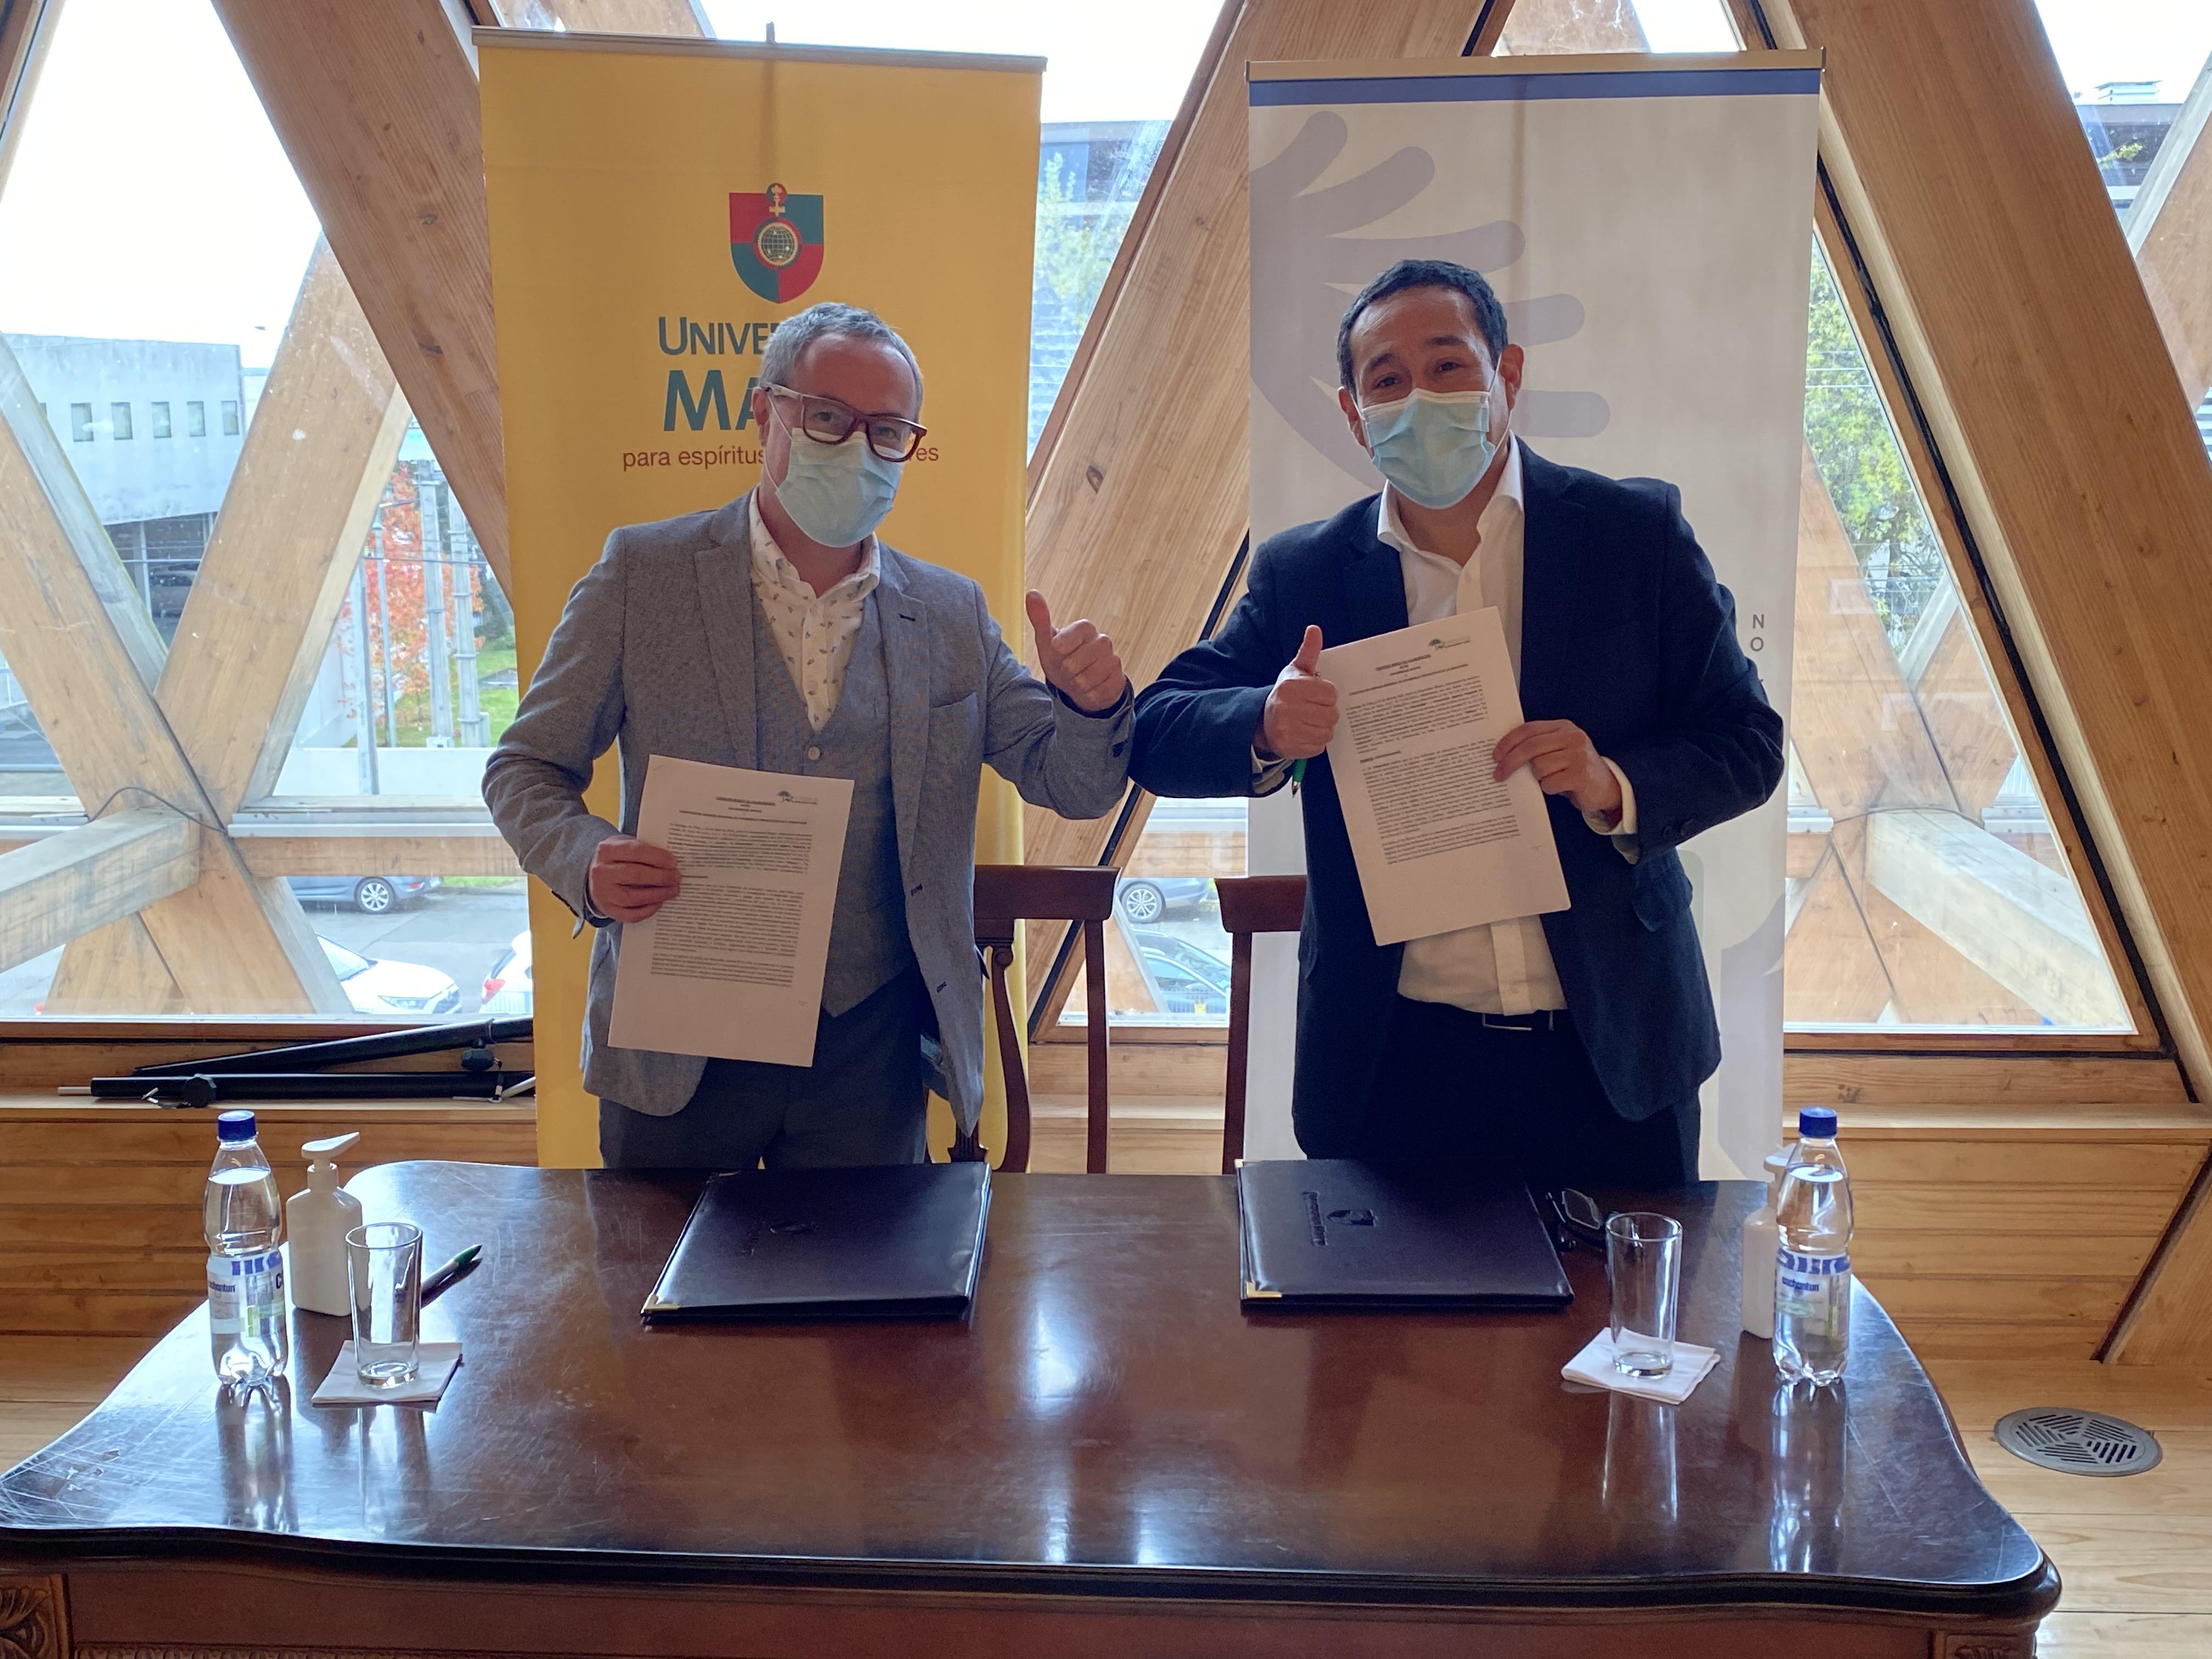 Corporación de Desarrollo Araucanía y Universidad Mayor sellan vinculación en beneficio de la cultura, innovación e investigación regional